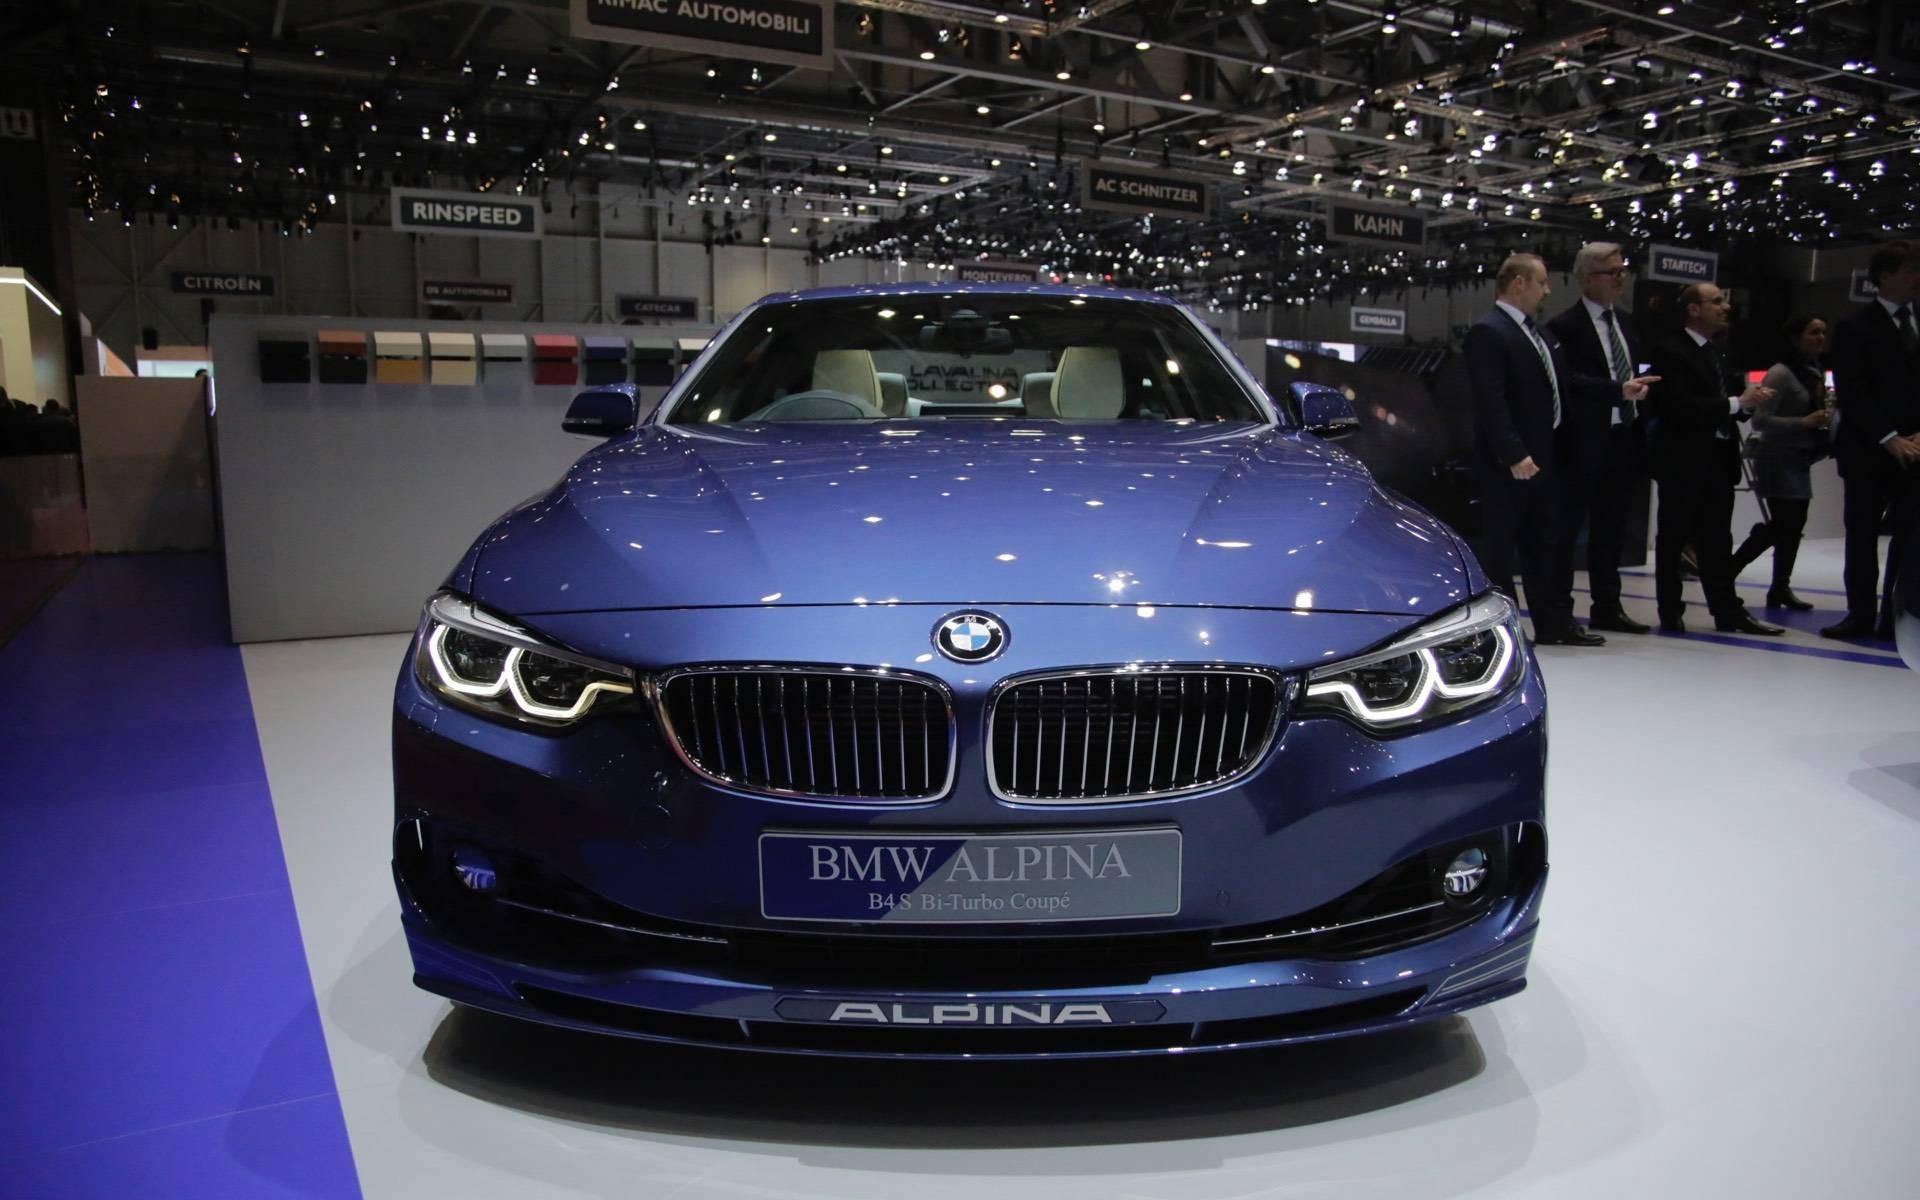 BMW 435i by ALPINA